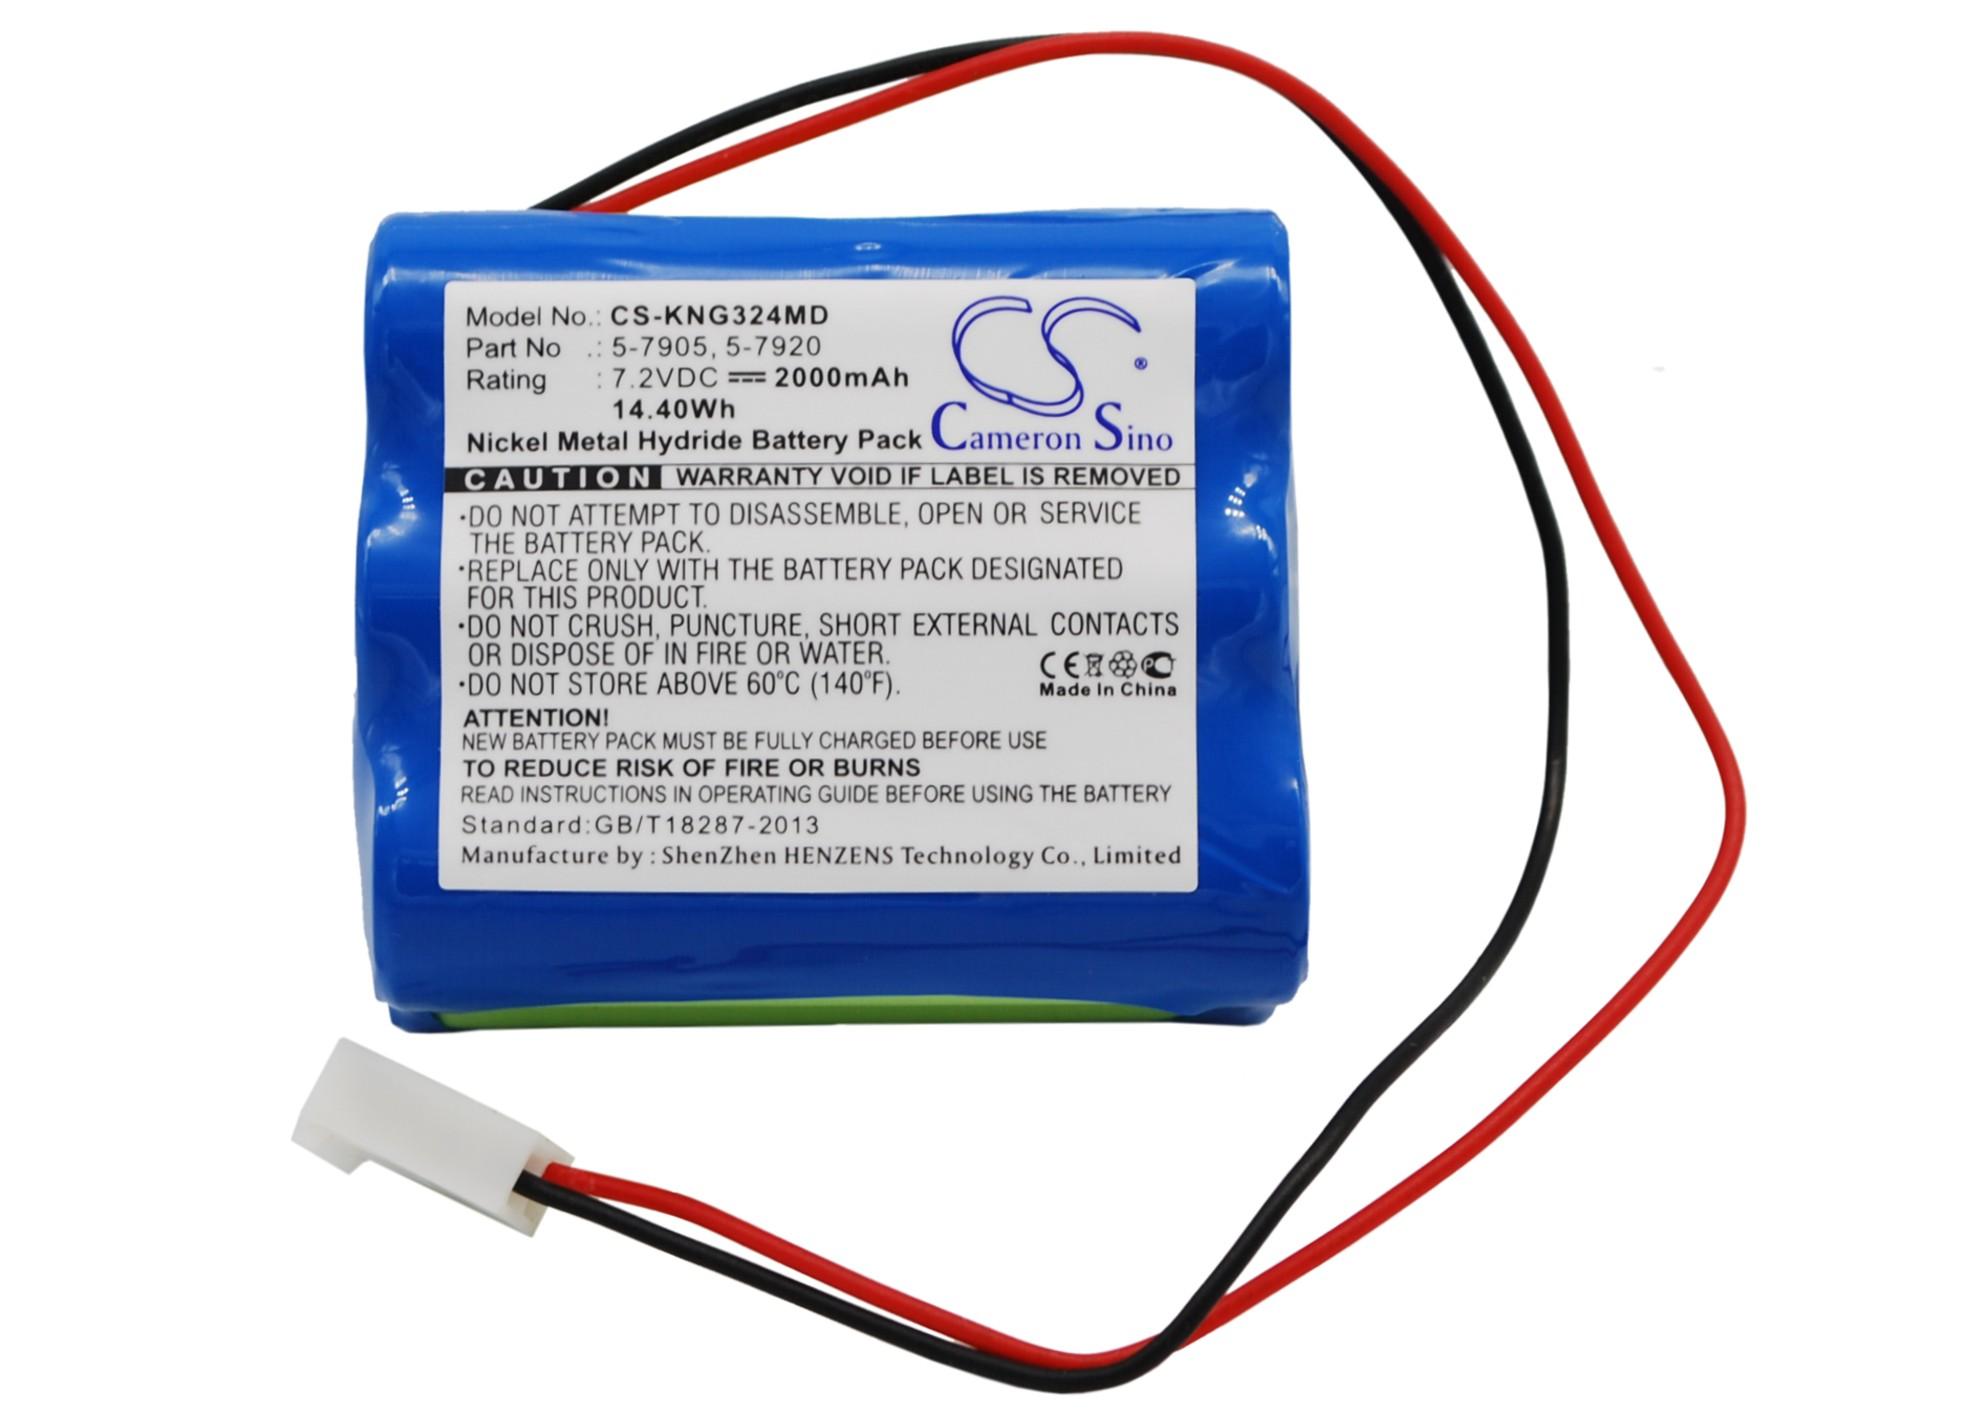 Cameron Sino baterie do zdravotnických zařízení pro KANGAROO Pump 324 7.2V Ni-MH 2000mAh modrá - neoriginální